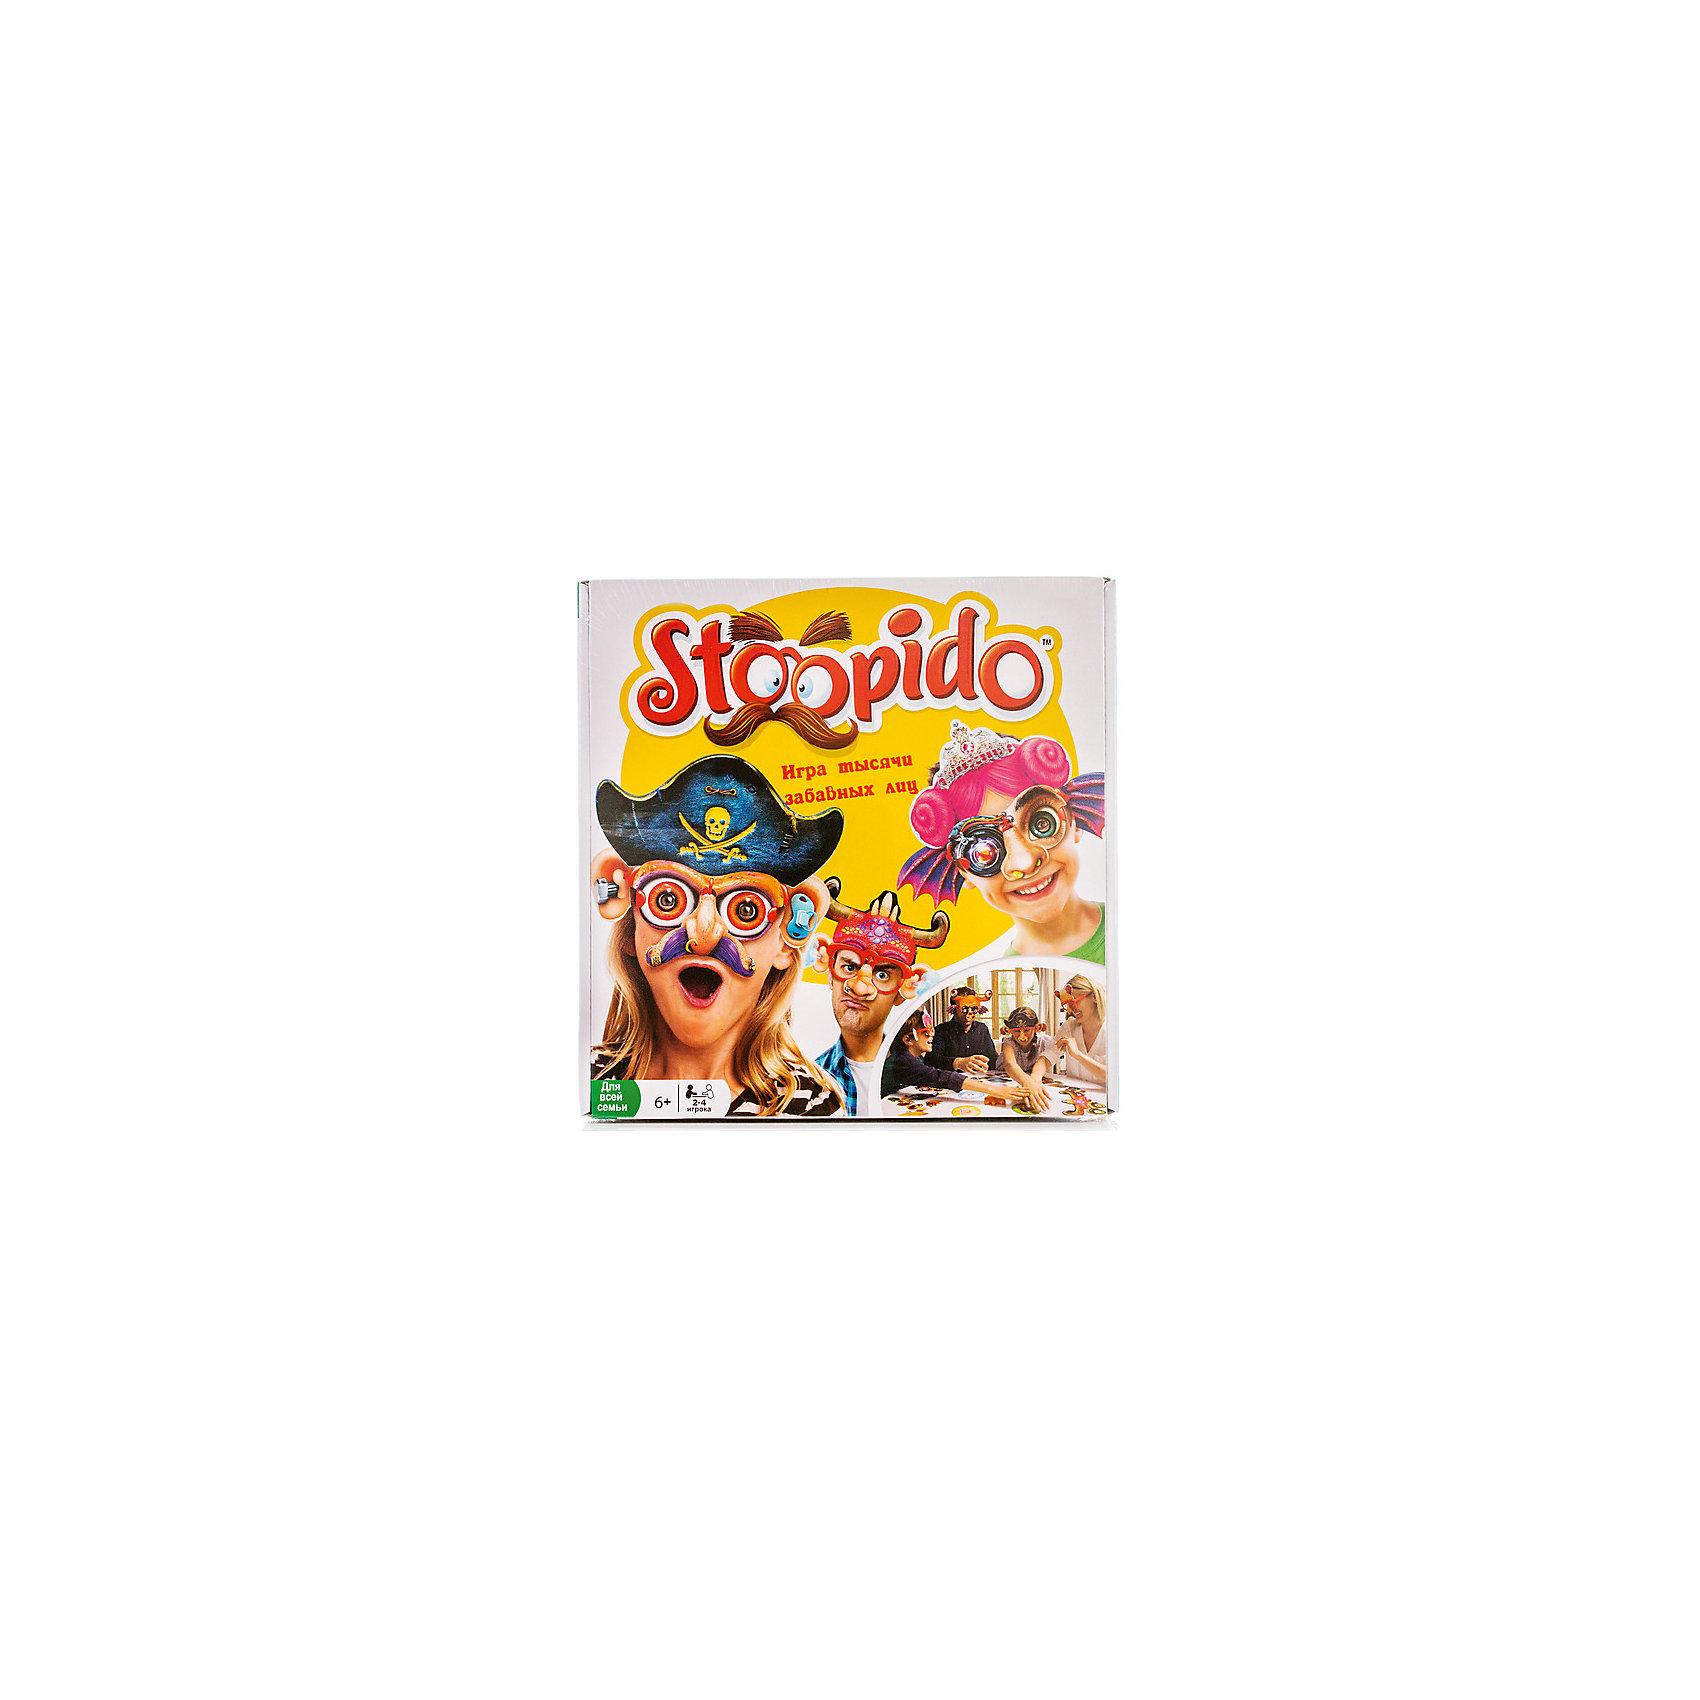 Настольная игра Stoopido, OobaНастольные игры<br>Stoopido - это забавная игра, с которой можно весело провести время в компании друзей или всей семьей. Сама по себе игра не несет смысловой нагрузки, она создана для того, чтобы просто повеселиться и подурачиться. Суть игры заключается в том, что игроки надевают специальные очки, затем бросают кубик, чтобы выпала одна из категорий - уши, нос и т. д. Затем необходимо как можно быстрее дотронуться до игрового поля с этой категорией. Тот, кто успел сделать это первым, надевает на сидящего рядом один из забавных элементов. А побеждает тот, кто к концу игры будет украшен меньше остальных!<br><br>Ширина мм: 55<br>Глубина мм: 260<br>Высота мм: 265<br>Вес г: 500<br>Возраст от месяцев: 72<br>Возраст до месяцев: 192<br>Пол: Унисекс<br>Возраст: Детский<br>SKU: 5001040